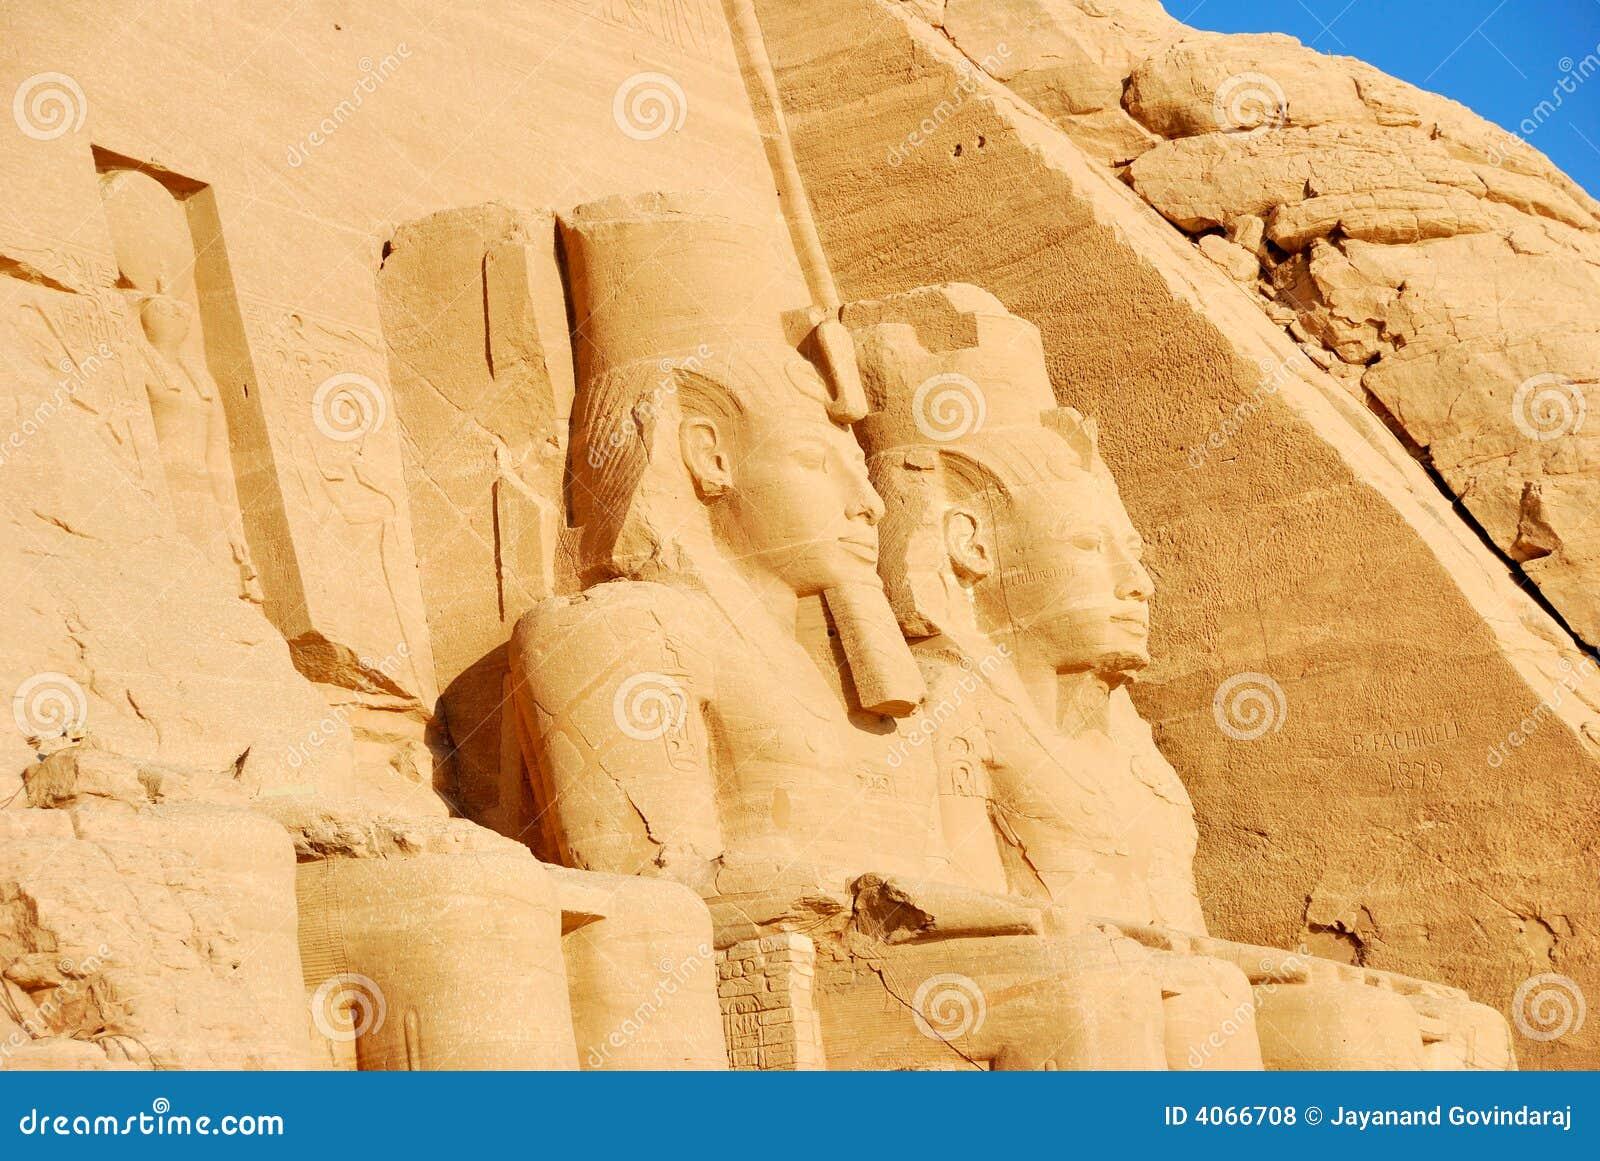 Découpages en pierre chez Abu Simbel